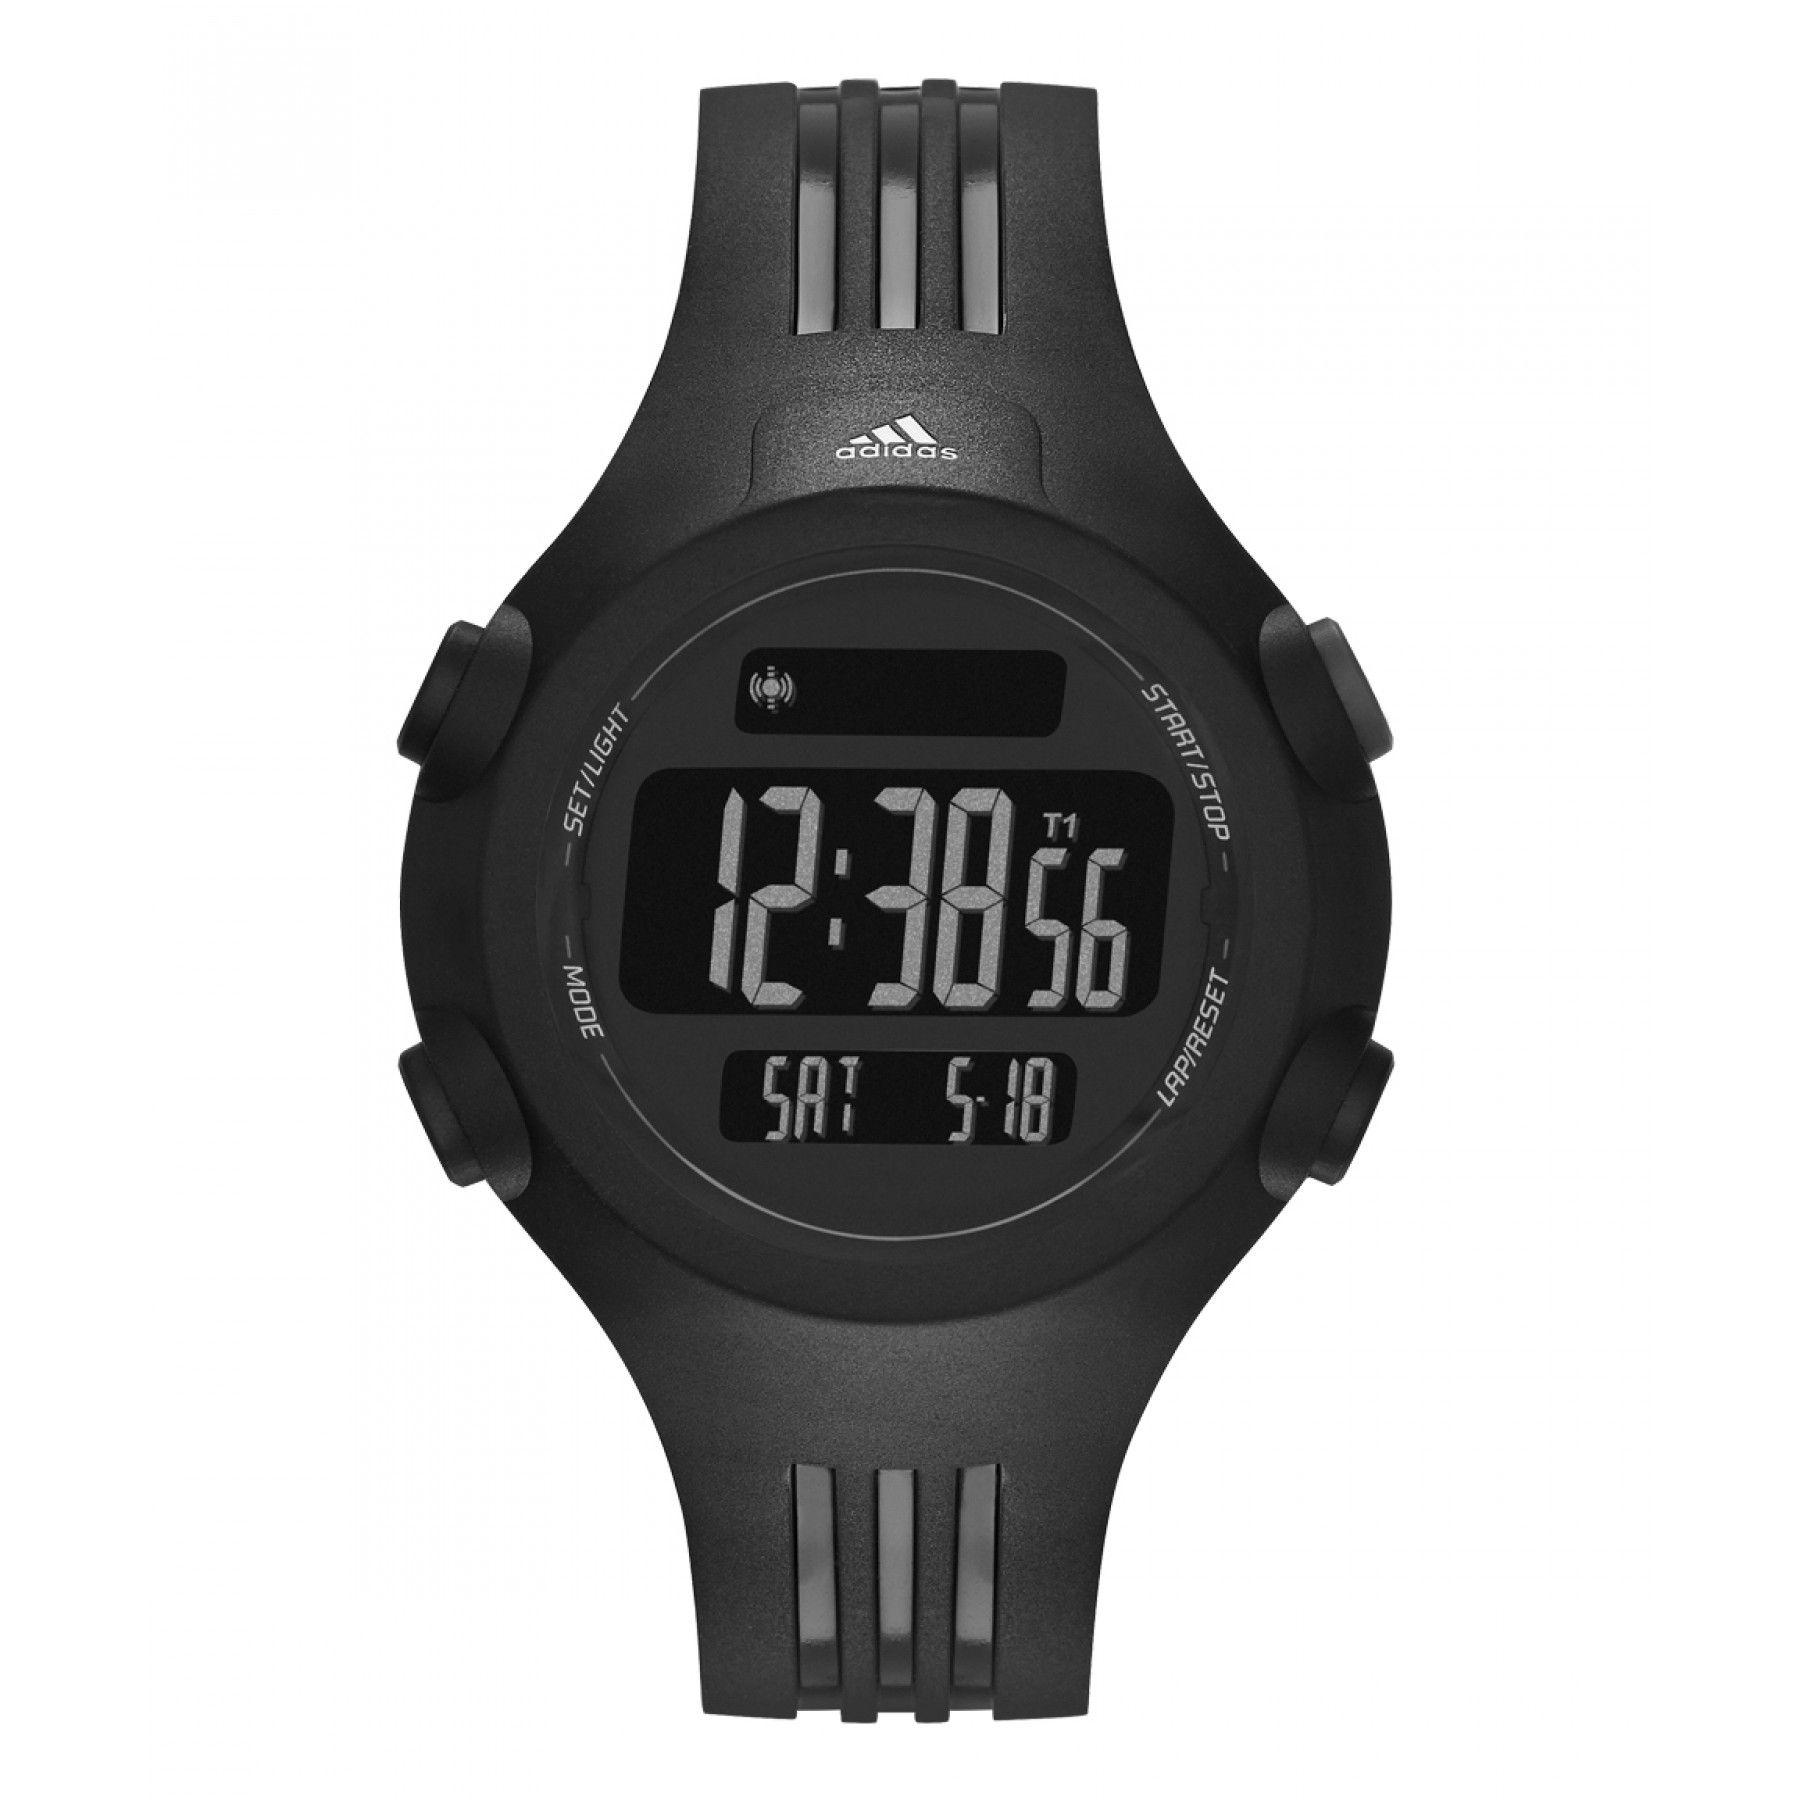 Reloj Adidas de caja y bisel en acero inoxidable color negro carátula  digital con modo luz 9d18ca86673